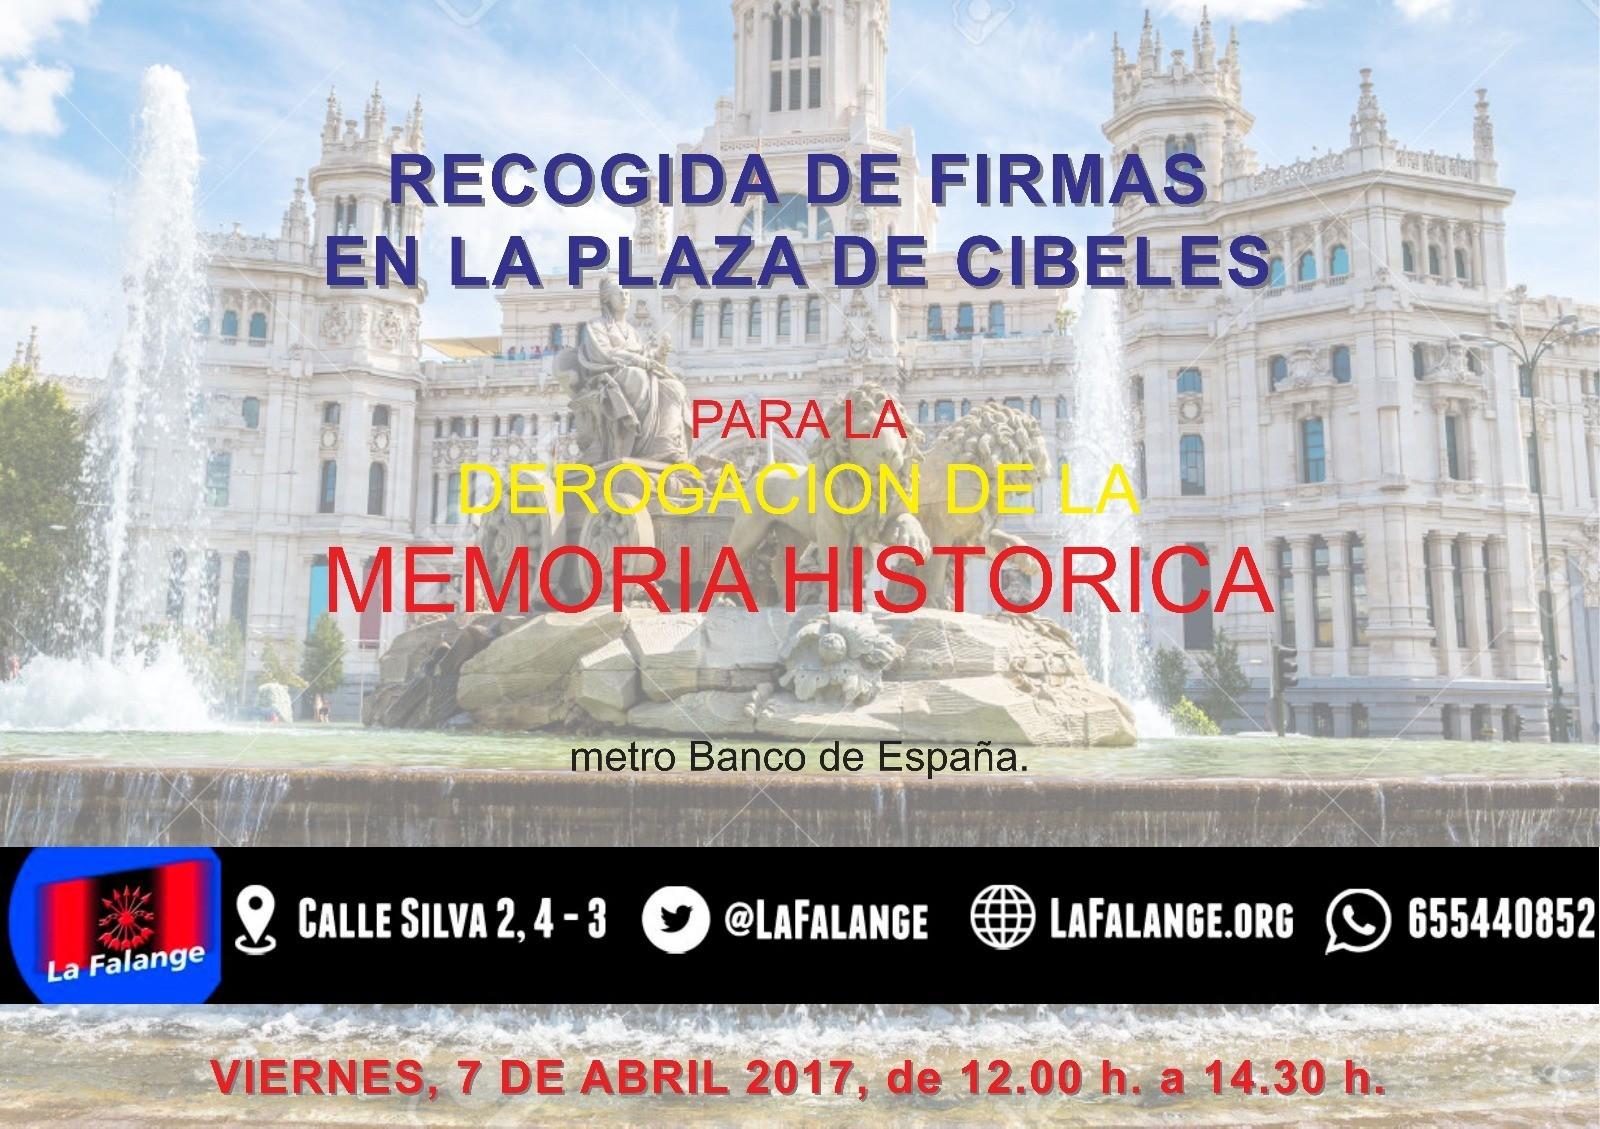 Recogida de firmas para la derrogación de la Ley de Memoria Histórica. Viernes 7 de Abril Plaza de Cibeles de 12:00 a 14:30 h.